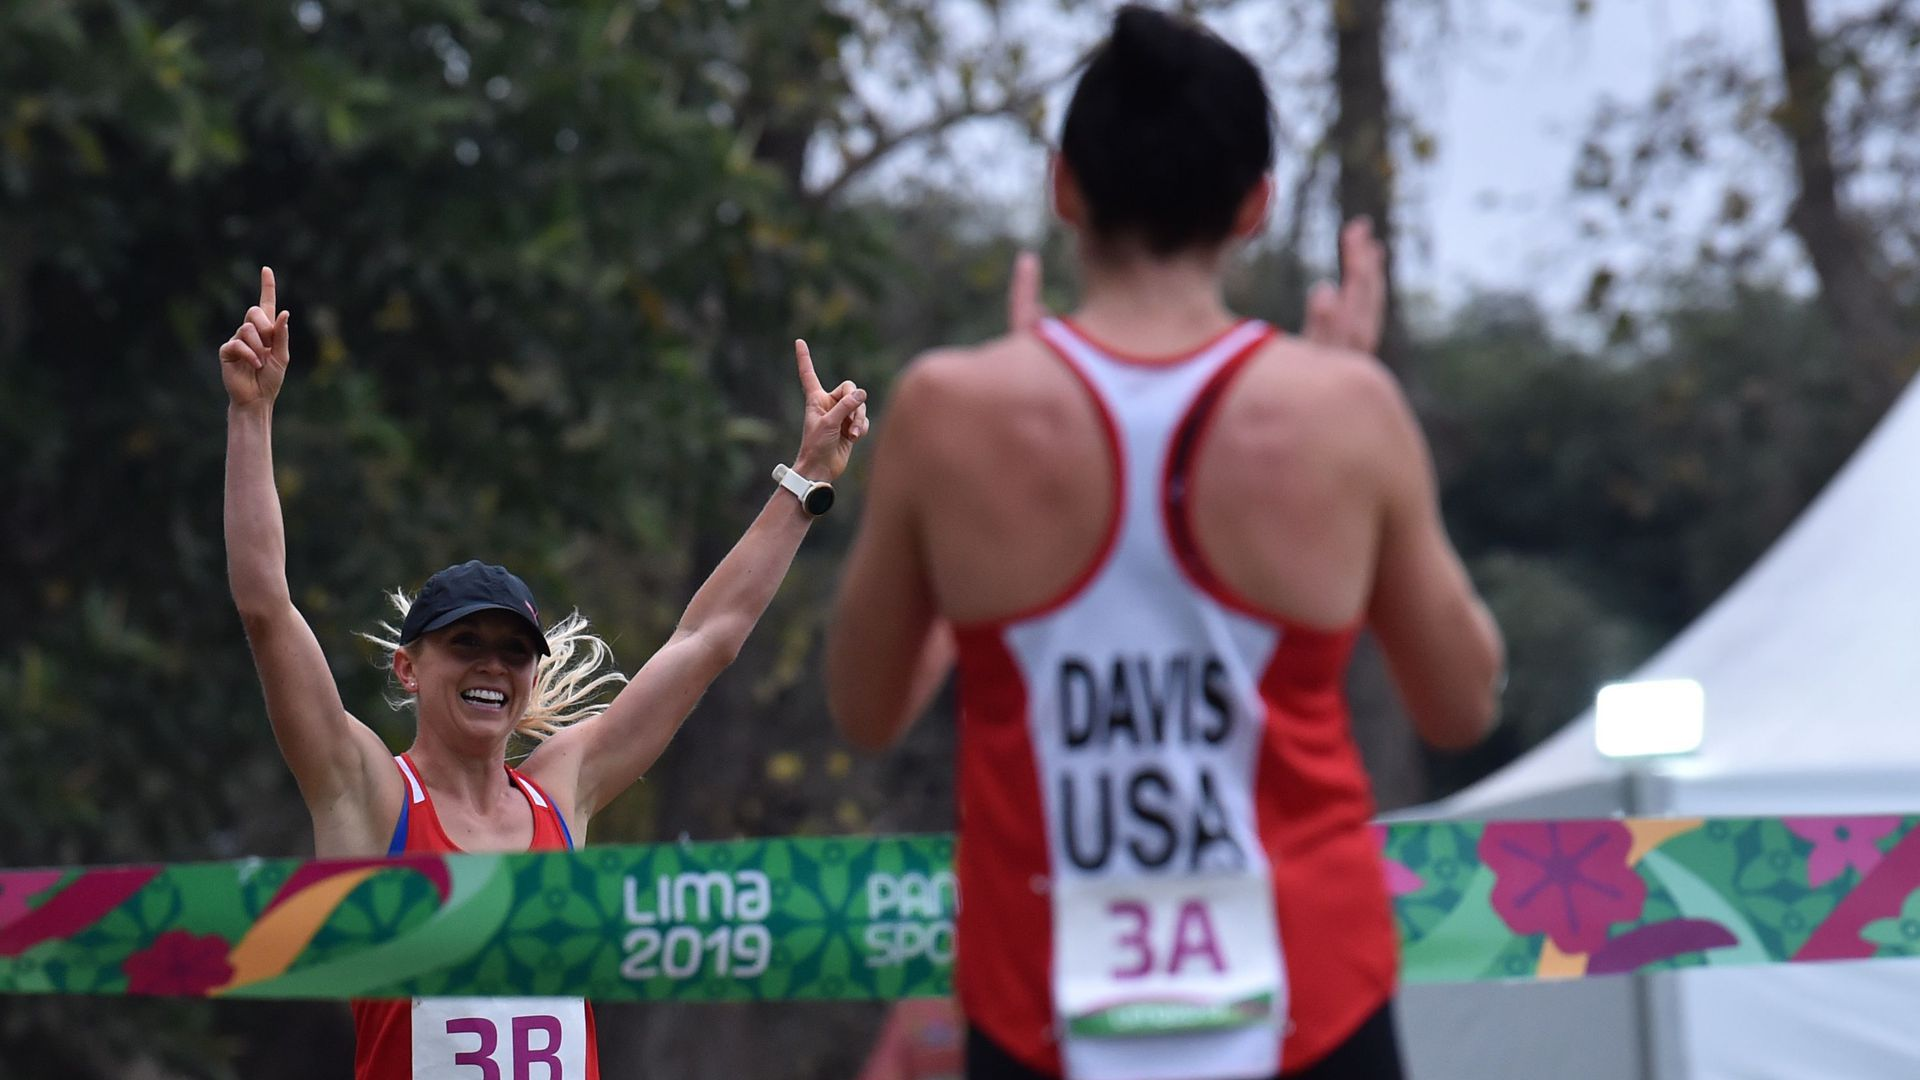 Samantha Schultz raises her hands in triumph